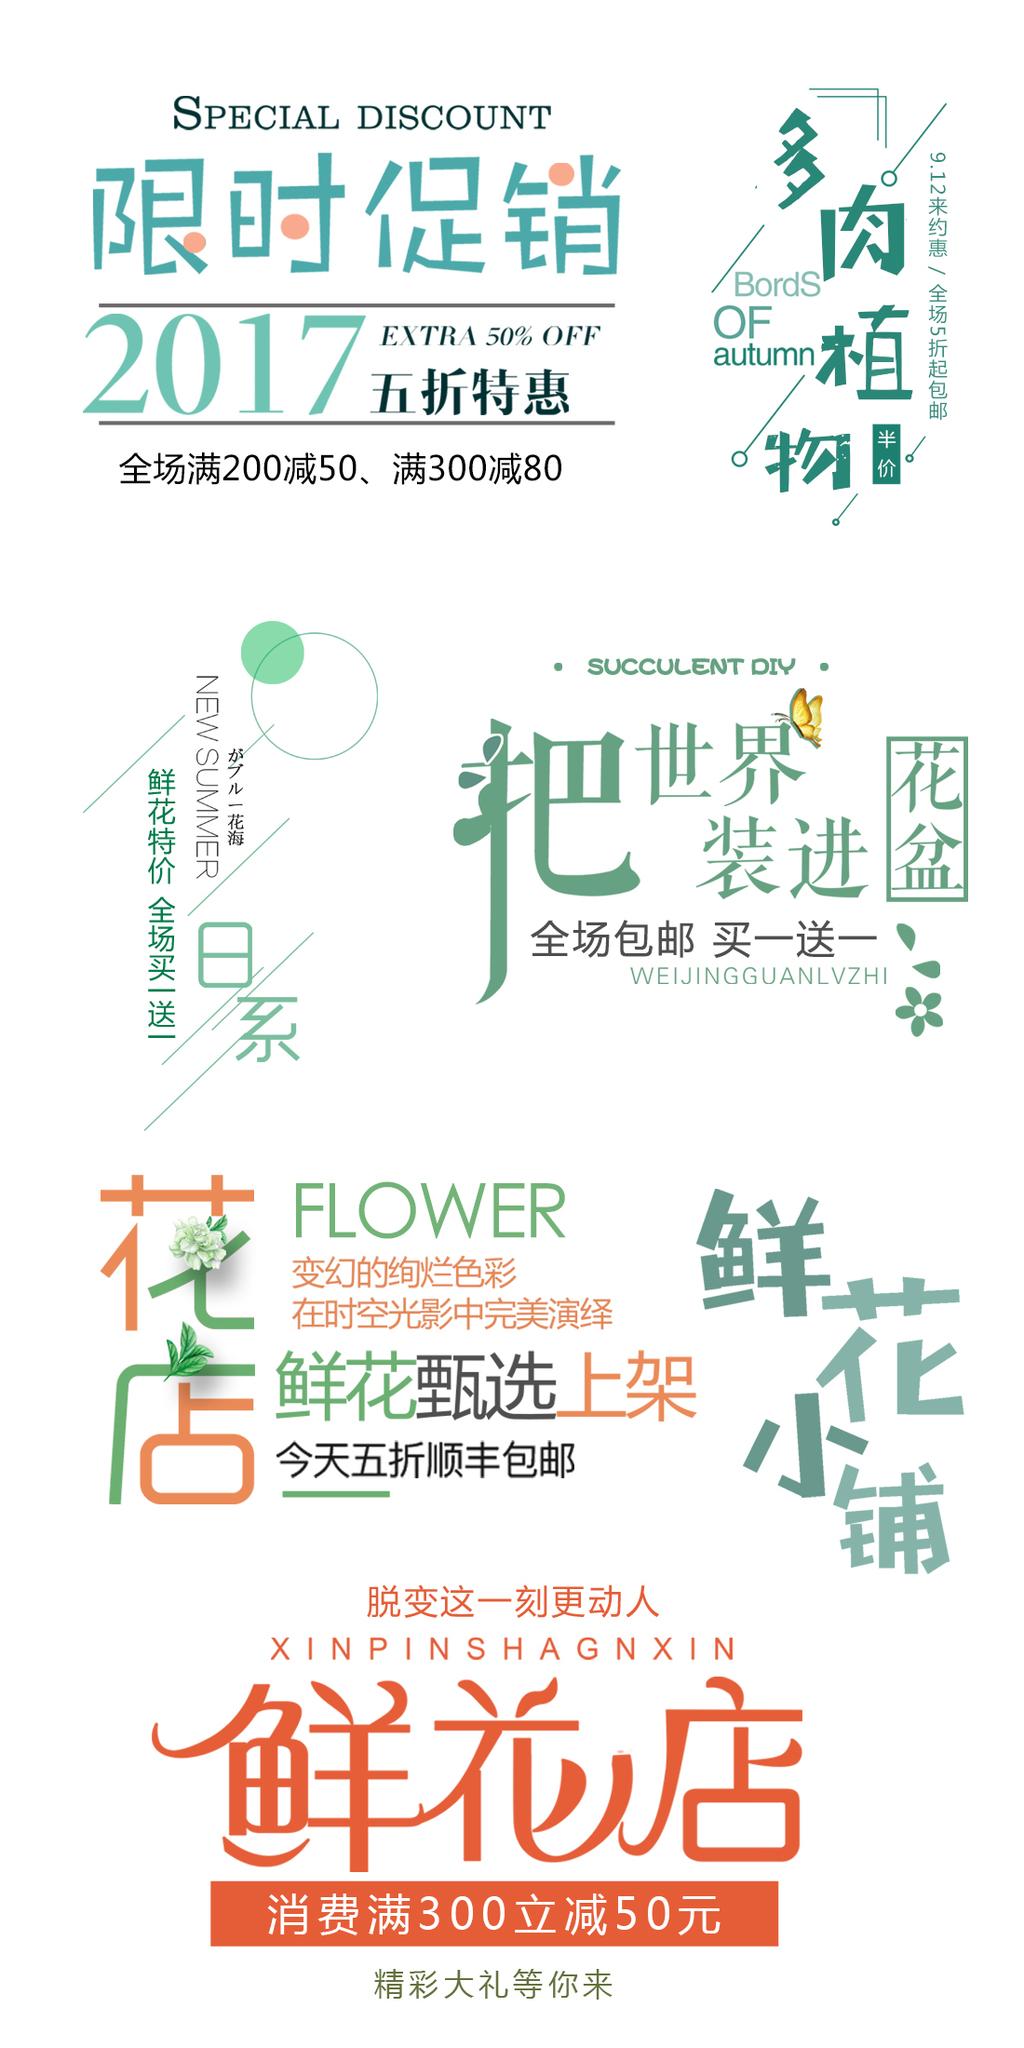 小清新文艺植物鲜花淘宝海报标题